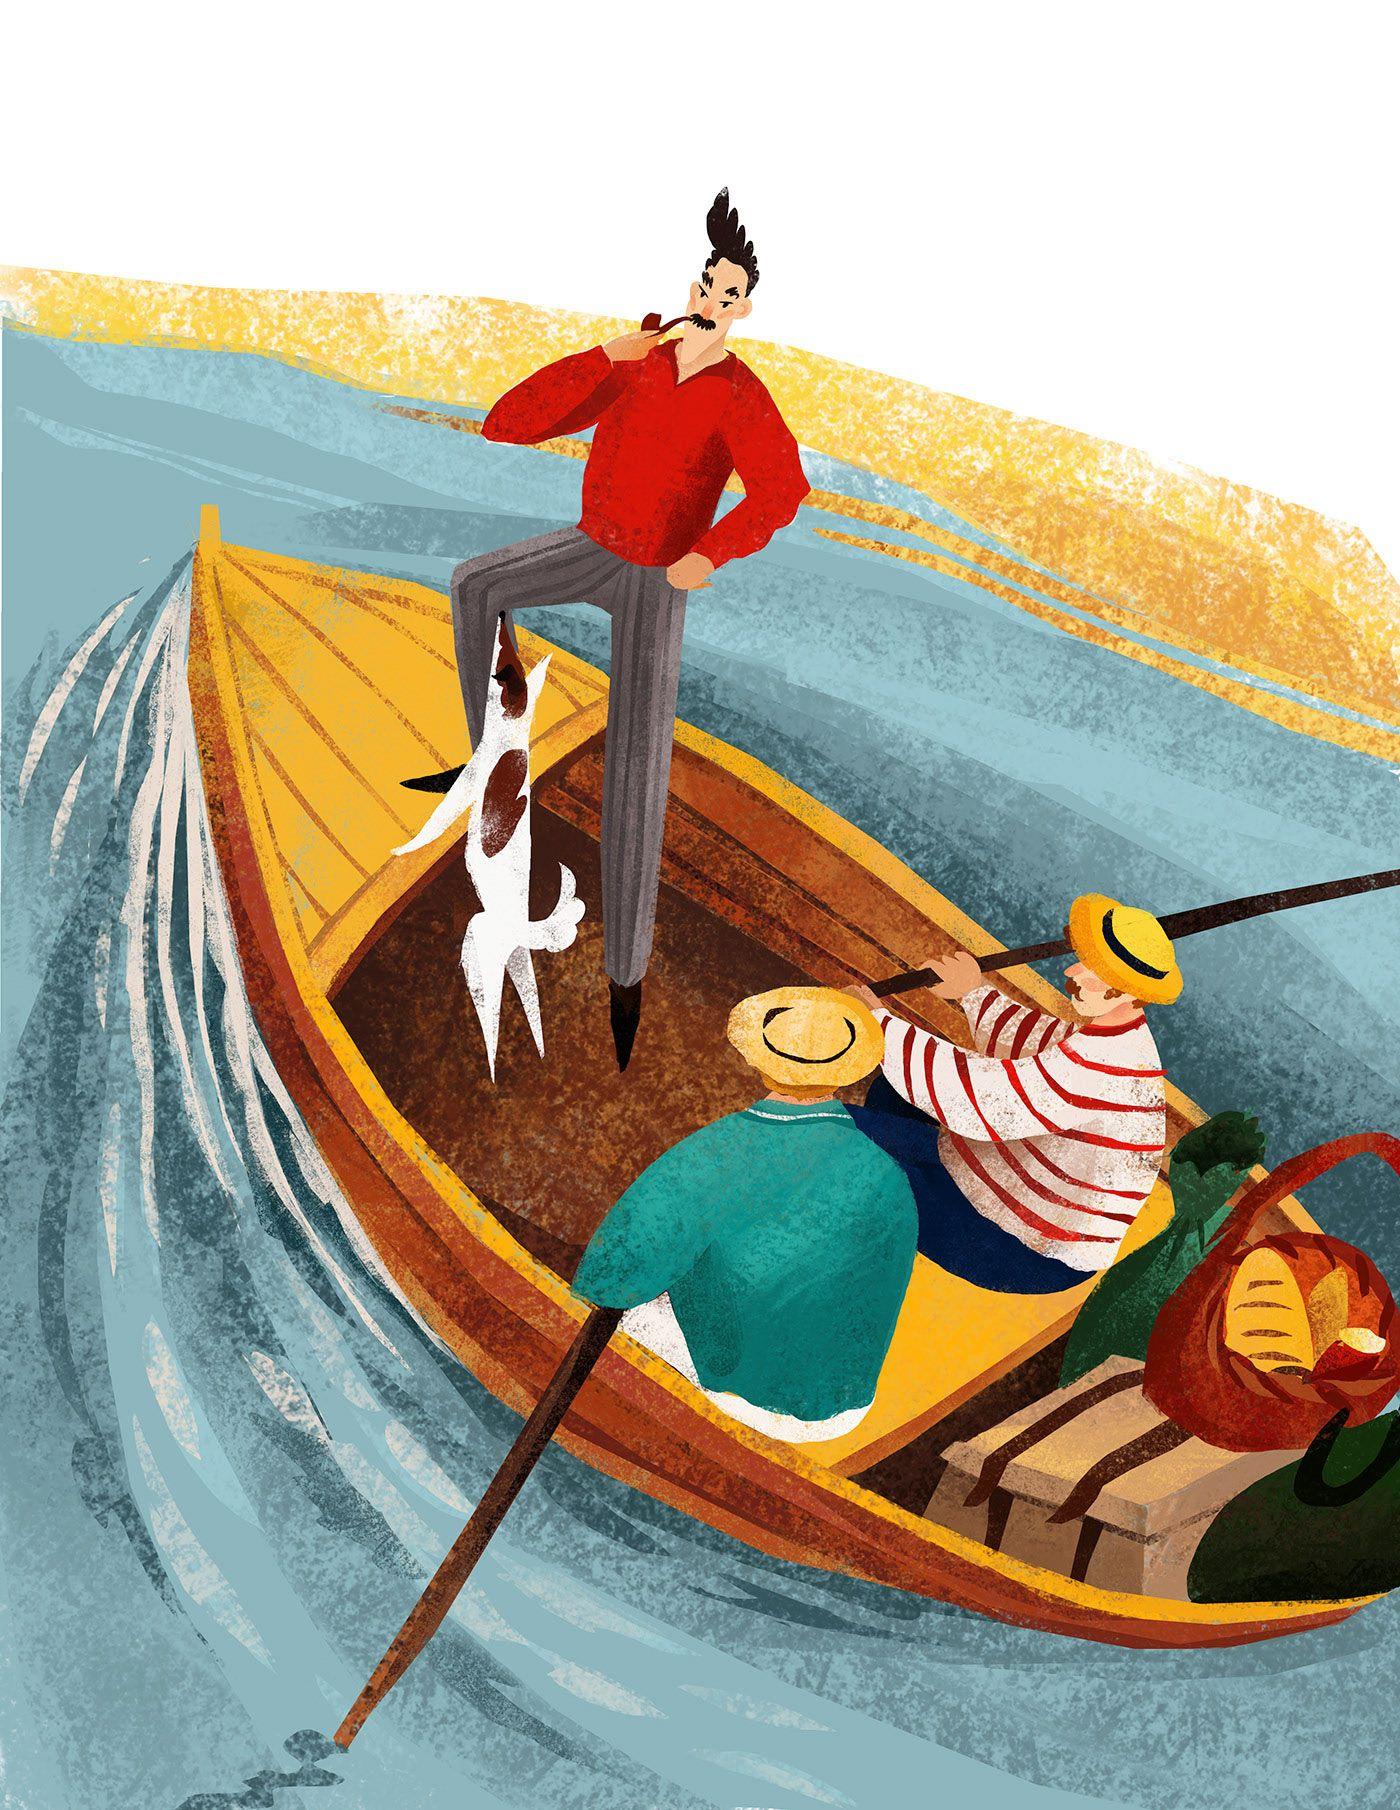 Иллюстрация кпроизведениям Джерома К. Джерома. Источник: www.behance.net/IrinaLisichkina